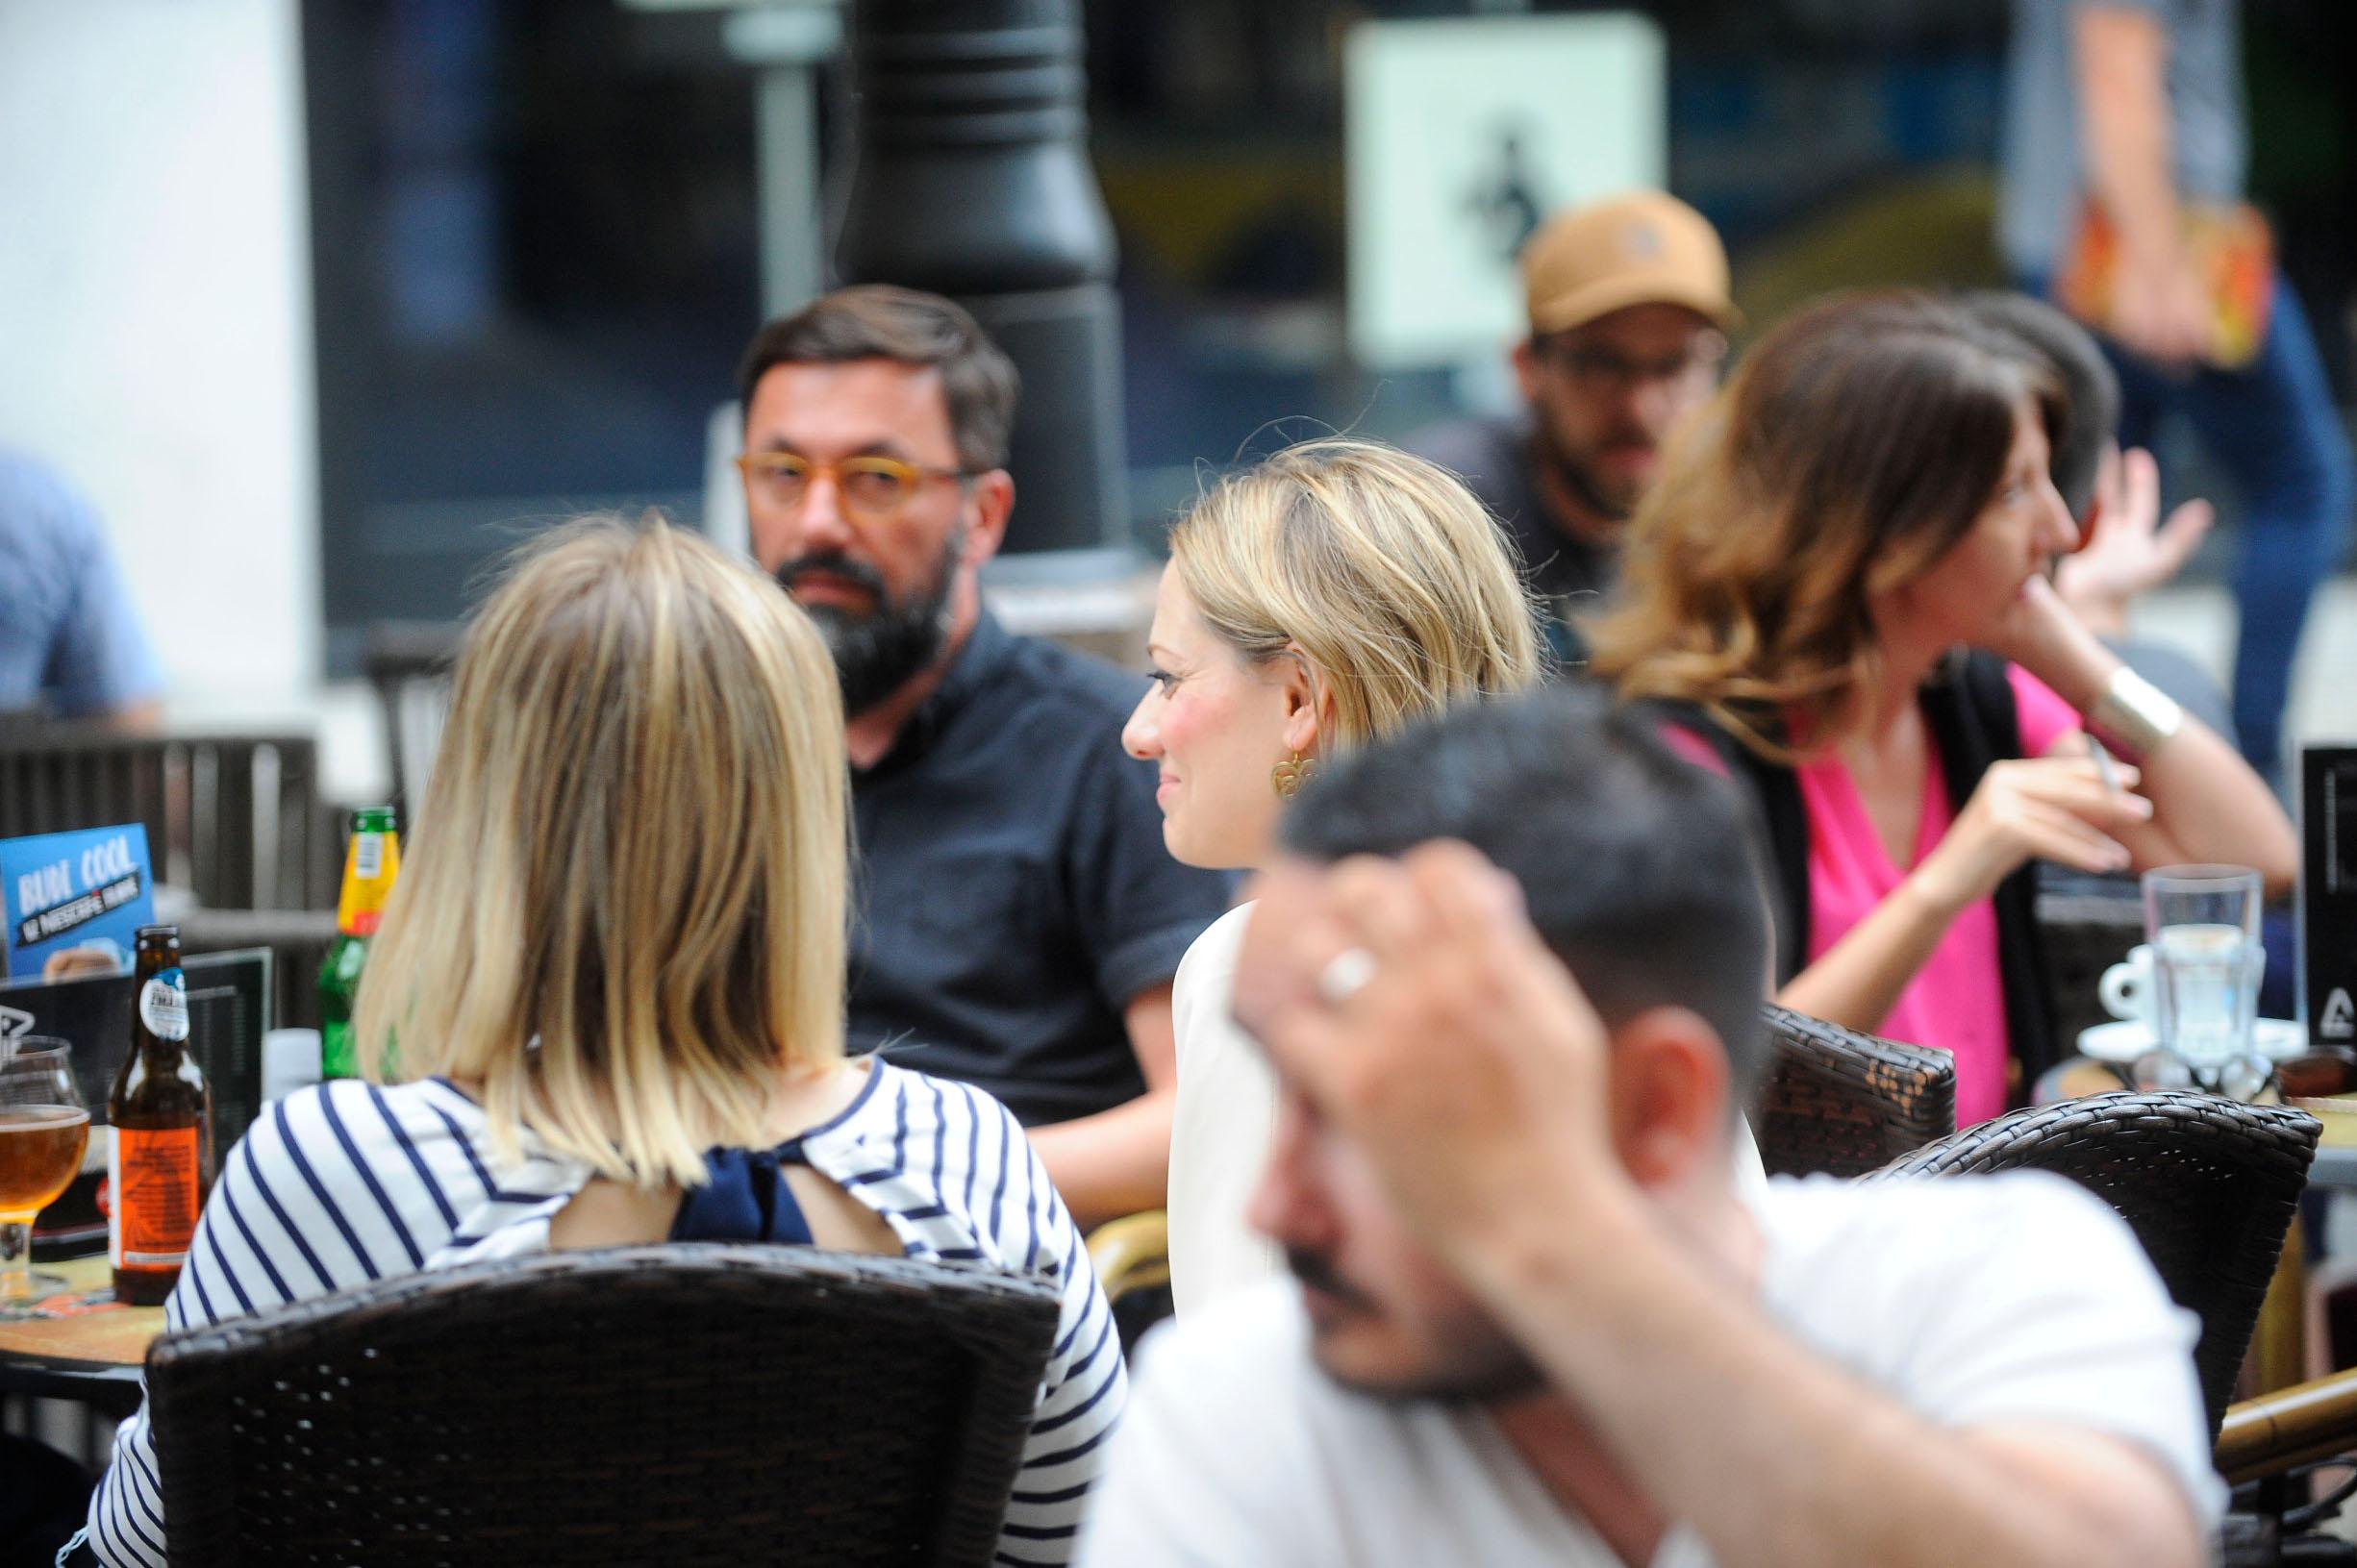 Spica / Zagreb 11.07.2019. / foto: Davor Matota / Jelena Veljaca i decko Ivan Gale